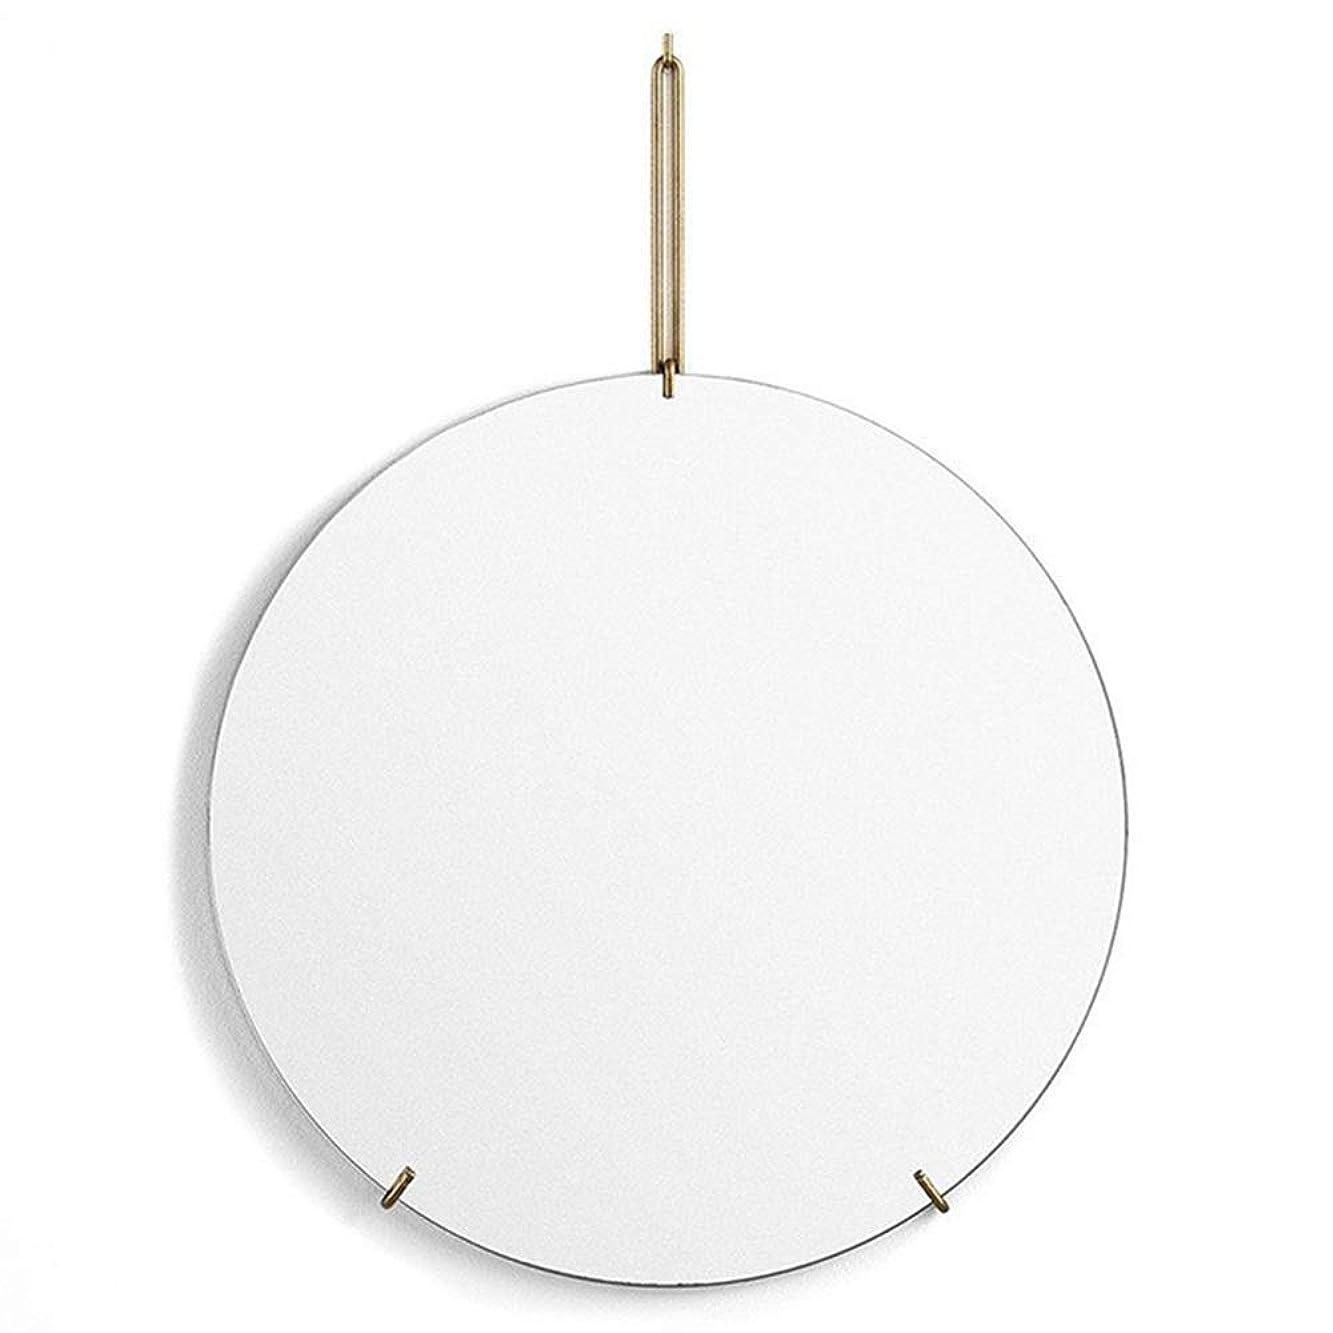 小石シリング哺乳類壁掛け ミラー 吊鏡 円形 金属 浴室 リビングルーム シンプル 北欧 (色 : ゴールド, サイズ : 50cm)